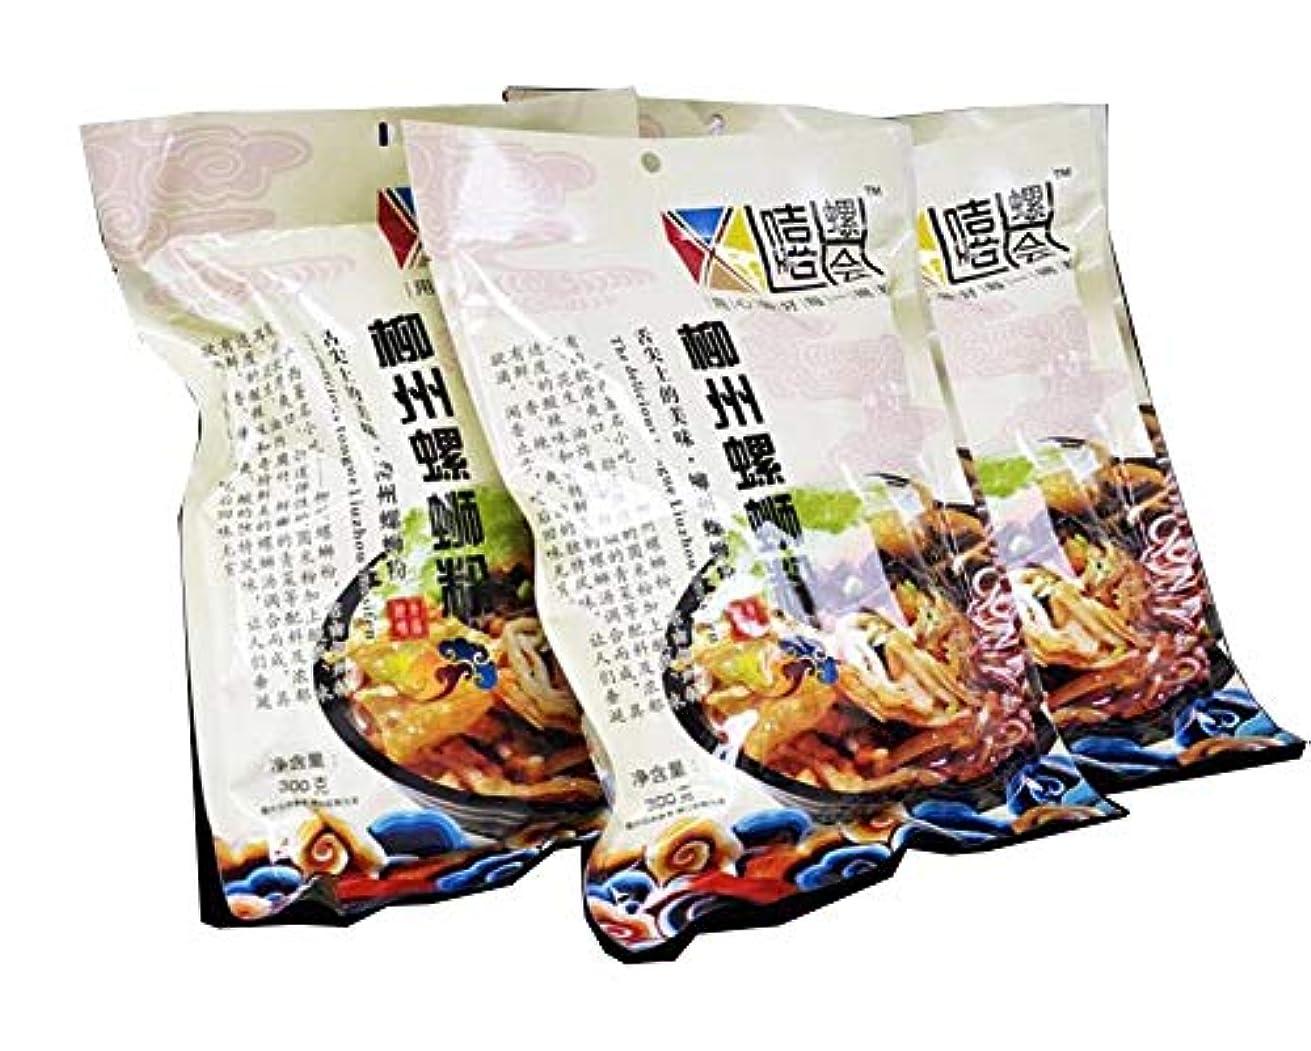 ビュッフェポンプスマイルALKAQ 柳州螺蛳粉 中華物産 インスタント麺 好吃的速食米粉 方便面 广西特产螺蛳粉300g*3袋